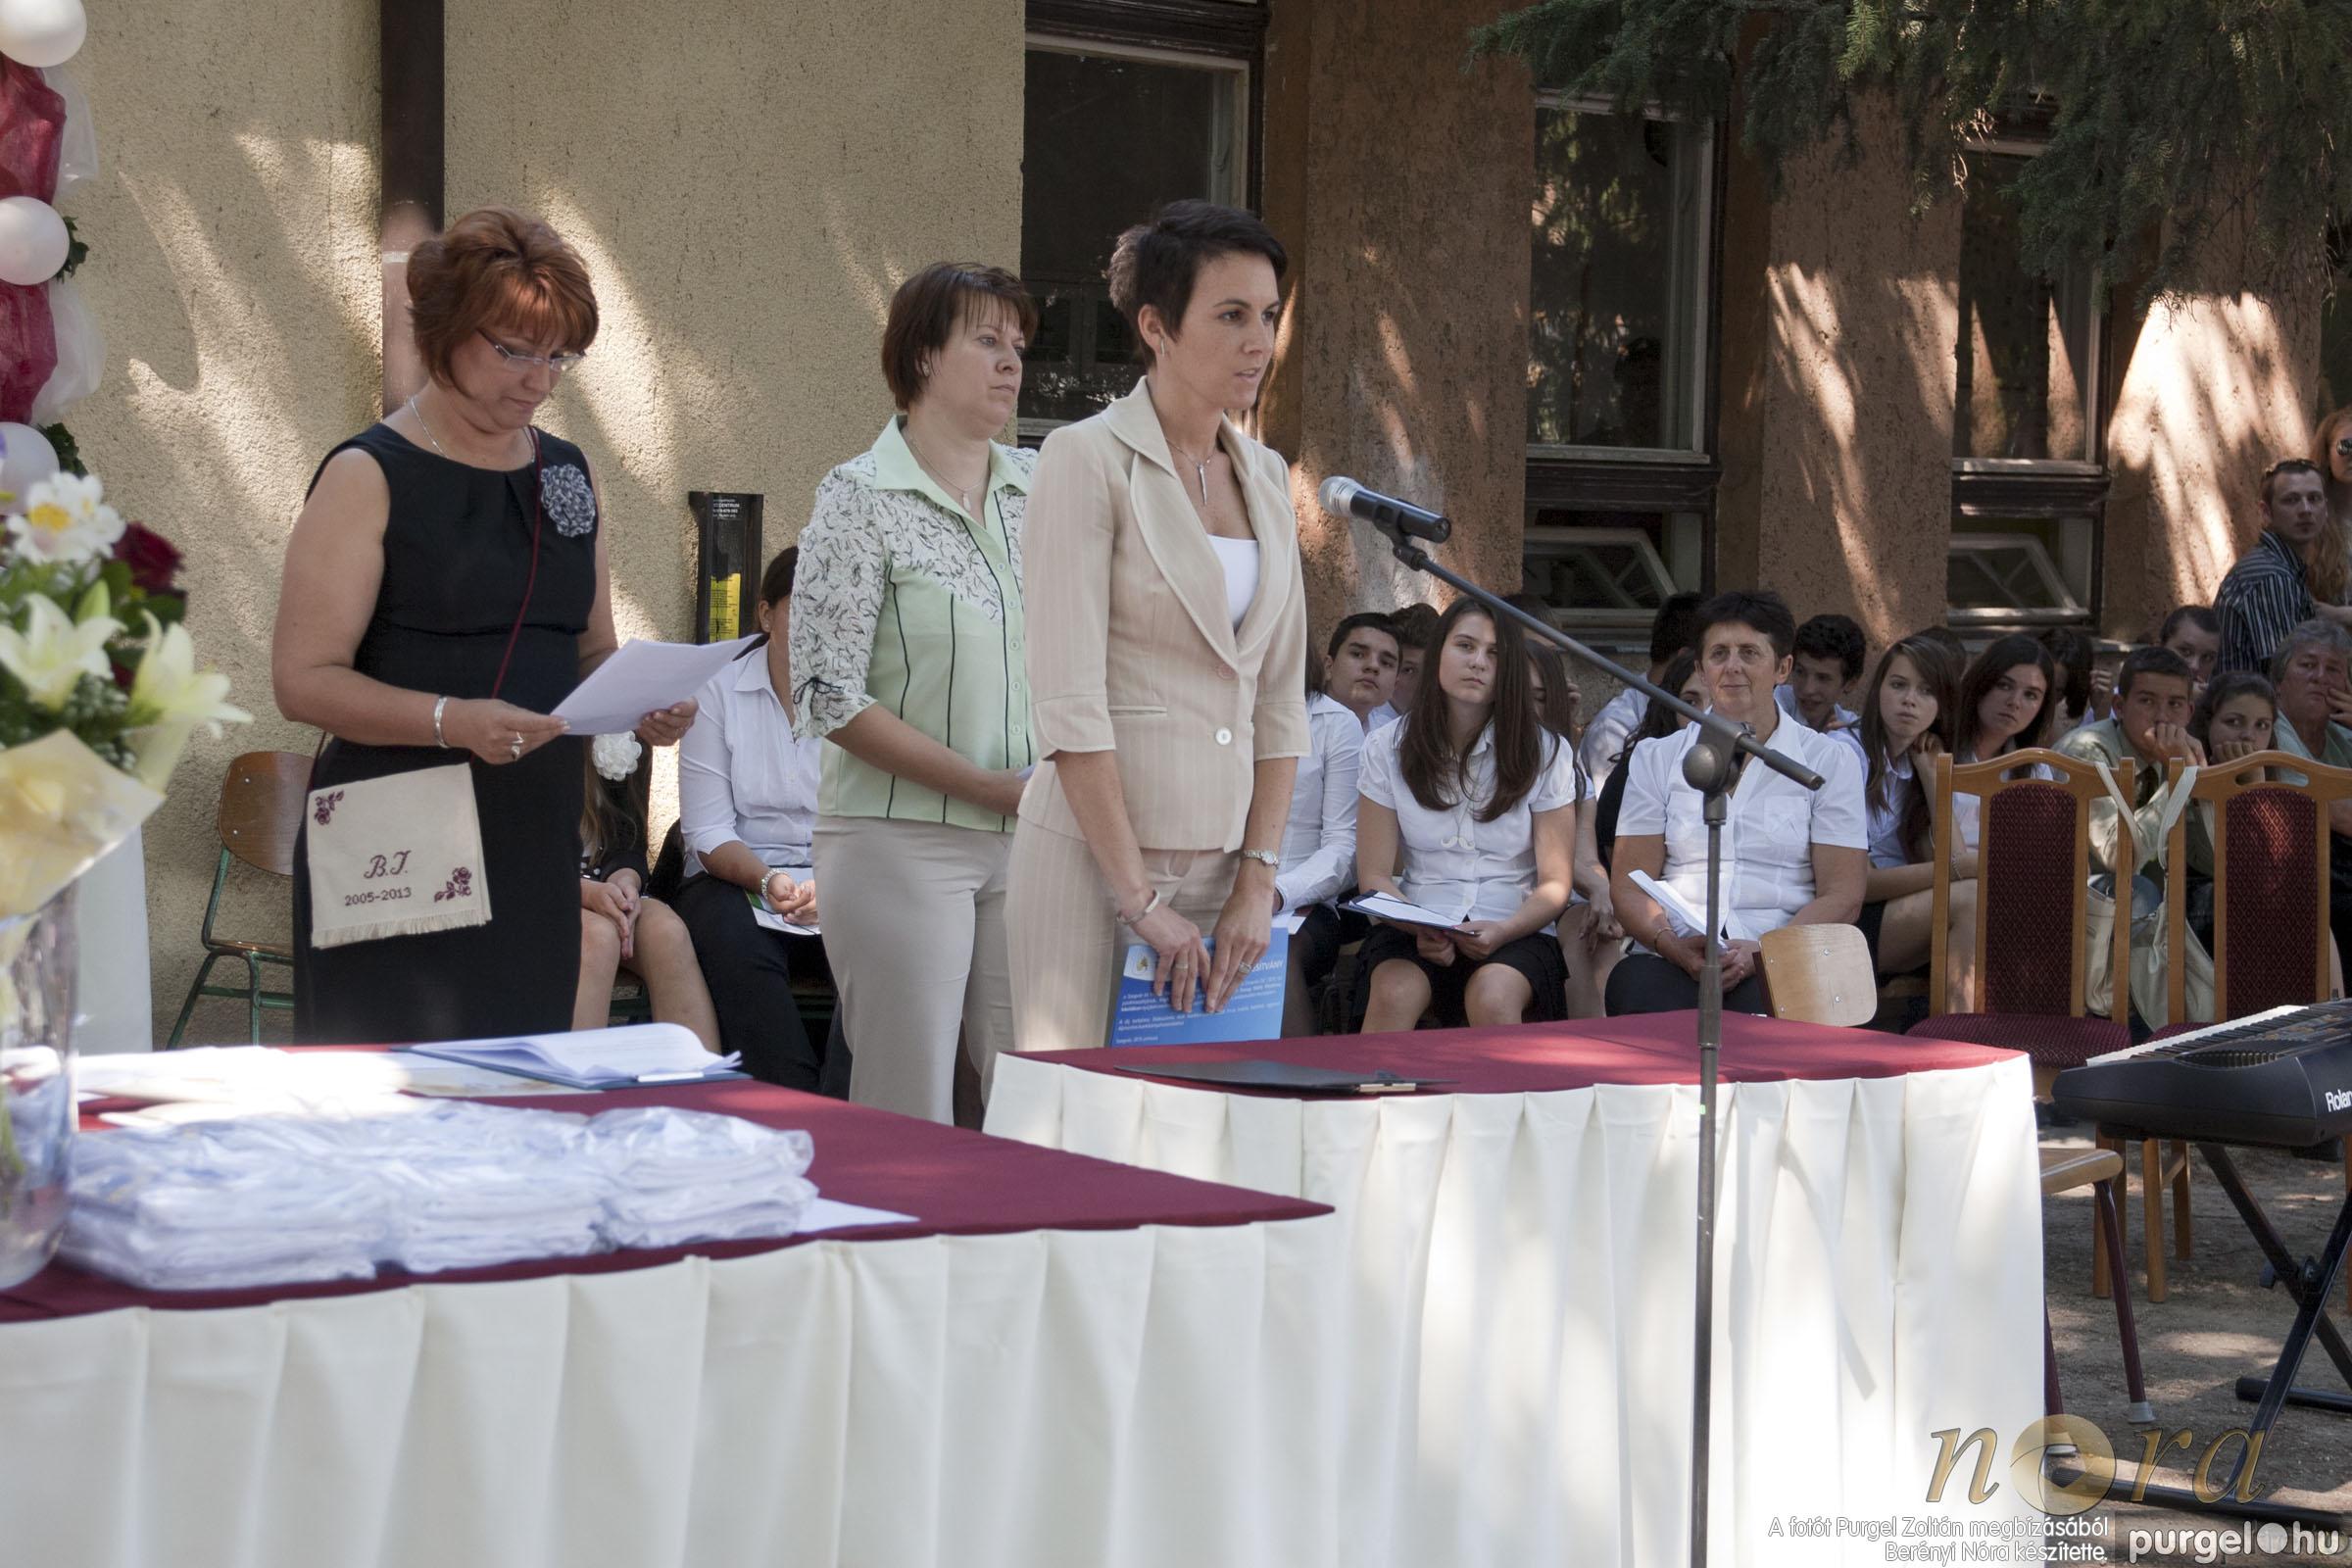 2013.06.15. 284 Forray Máté Általános Iskola ballagás 2013. - Fotó:BERÉNYI NÓRA© _MG_1366.JPG